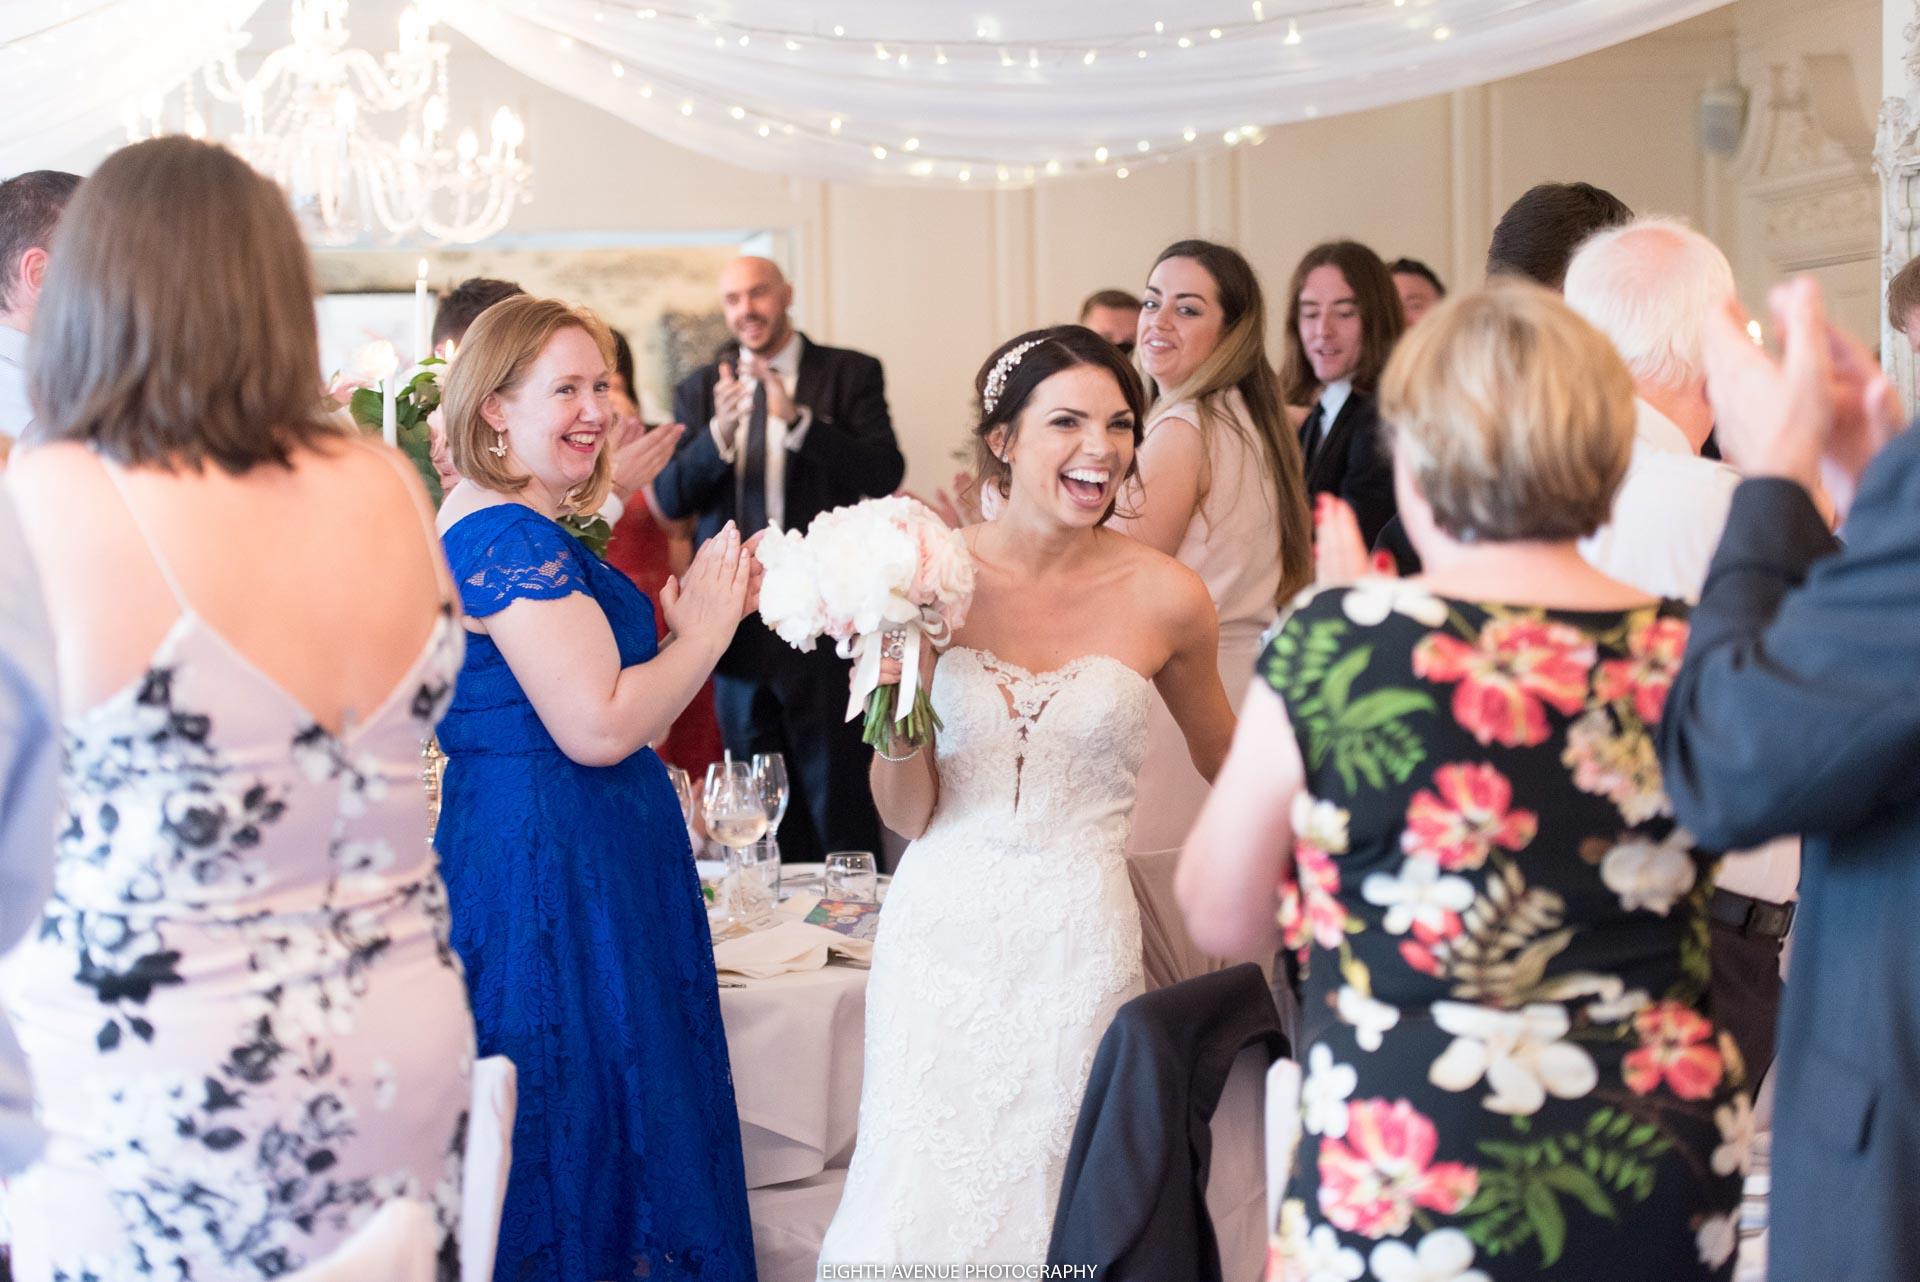 Bride entering the room